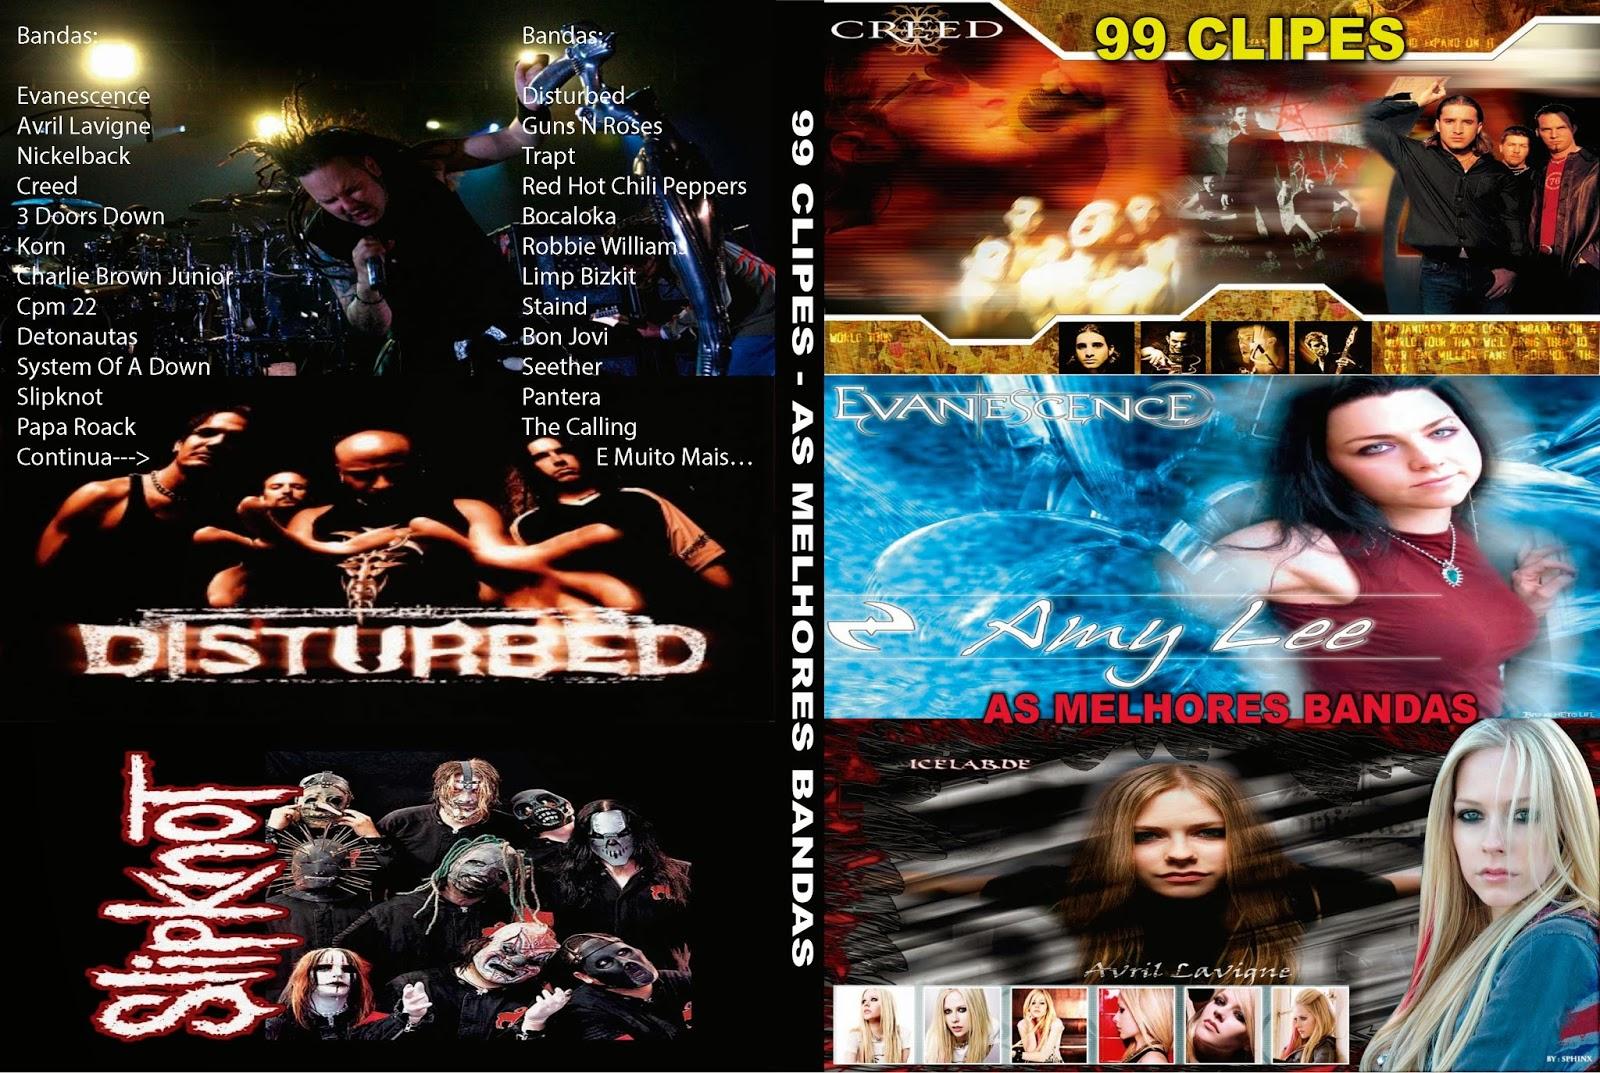 99 Clipes - As Melhores Bandas Do Planeta DVD Capa